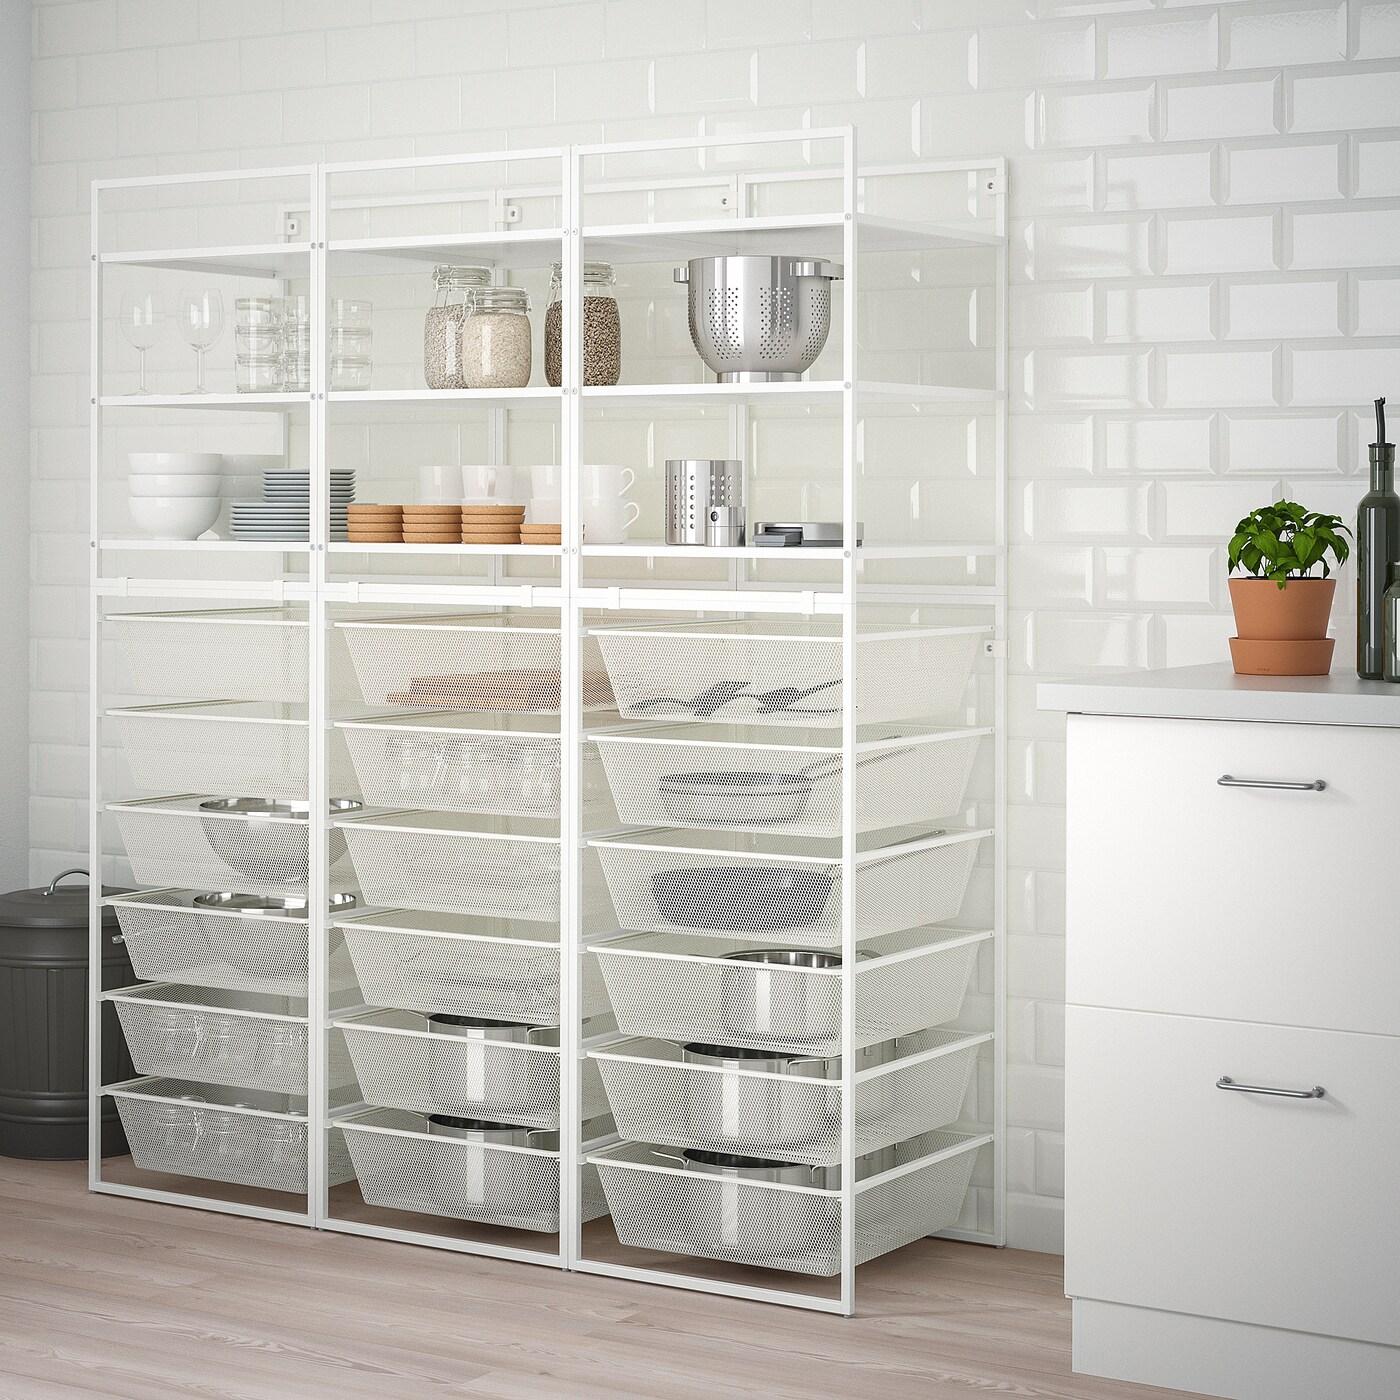 JONAXEL Frame/mesh baskets/shelving units, white, 148x51x173 cm